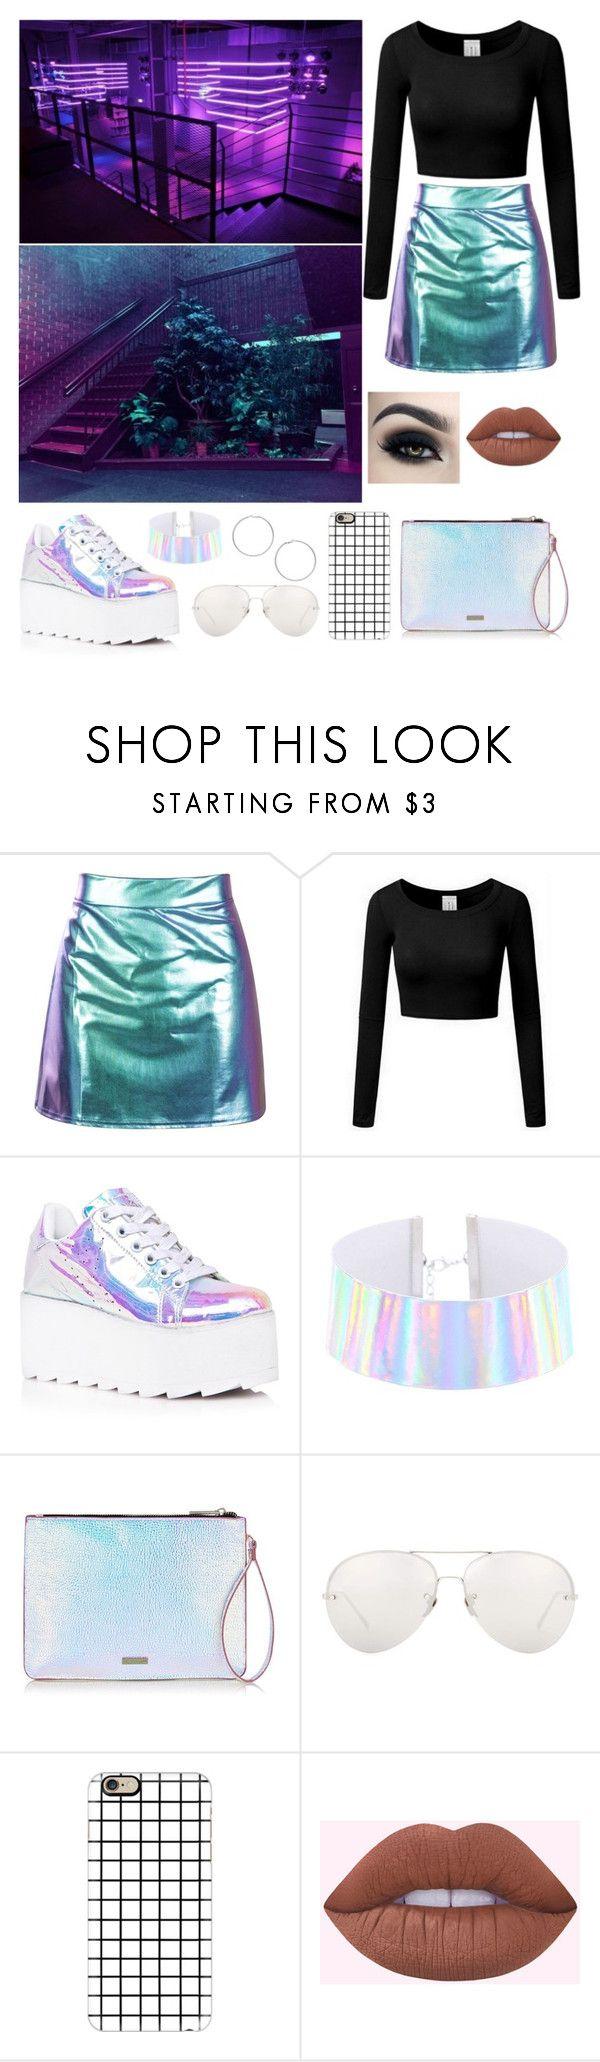 holo, aesthetic, vaporwave😍💖 | Vaporwave clothing ...